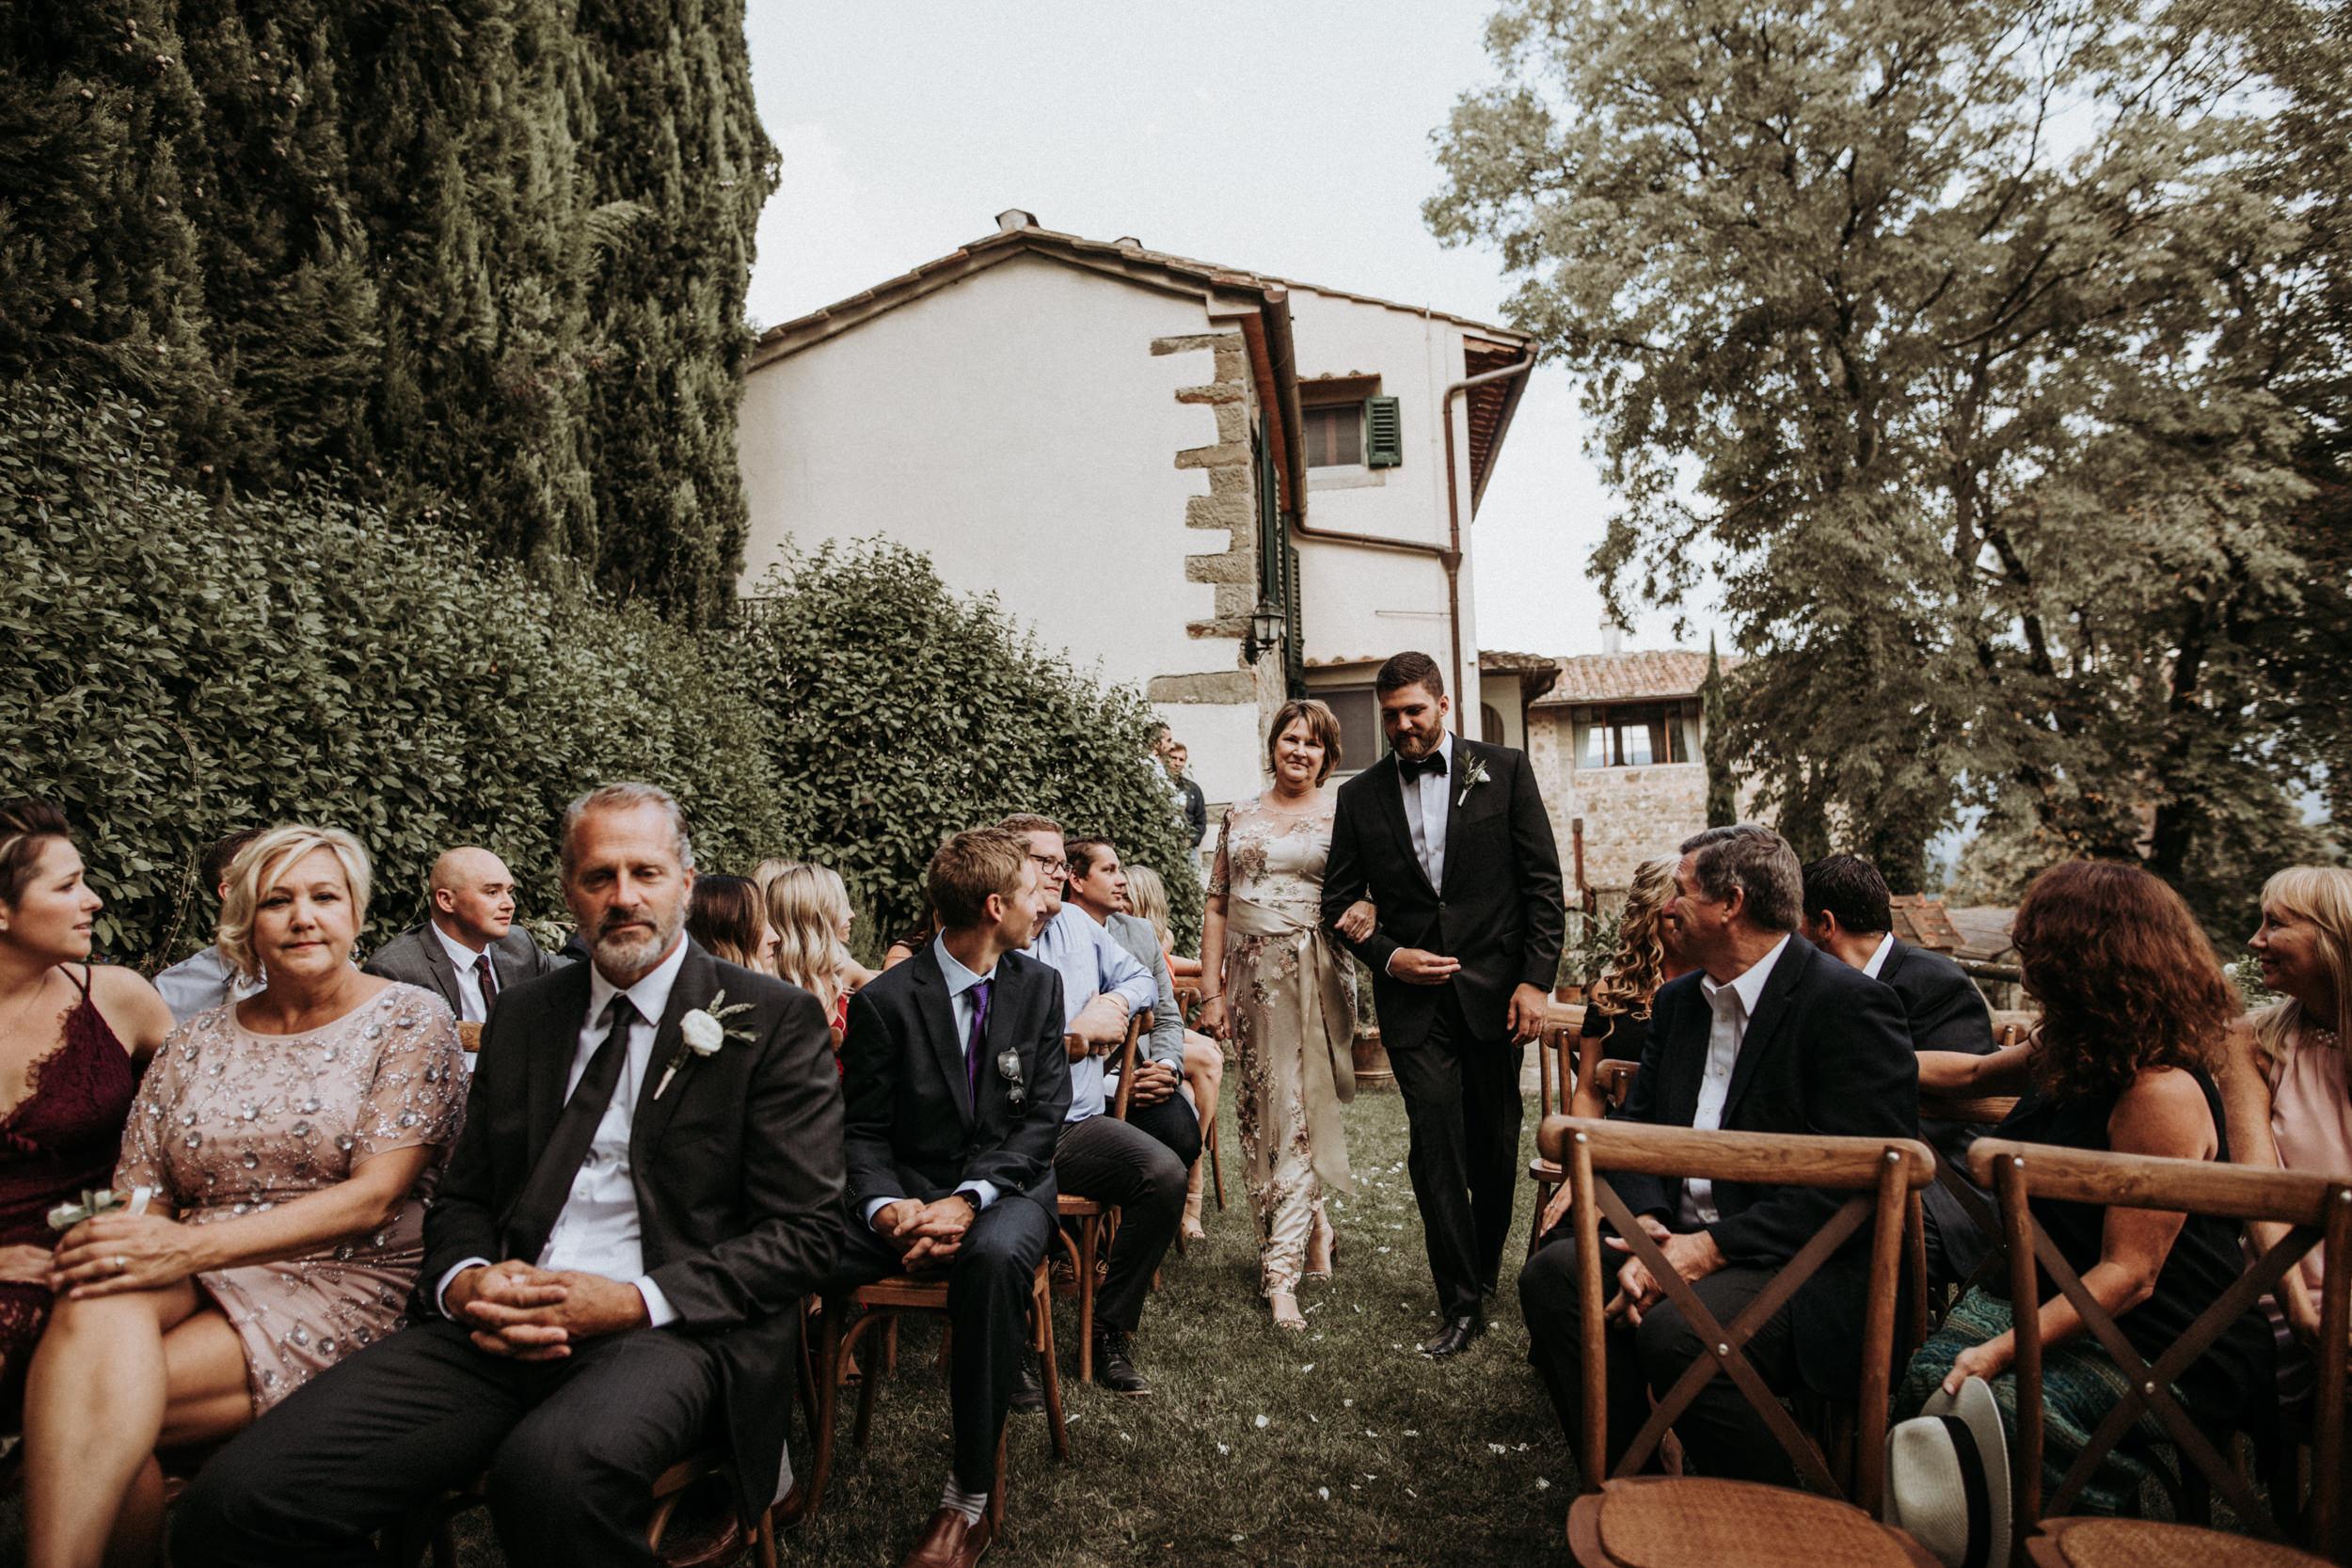 dm_photography_KW_Tuscanyweddingday_198